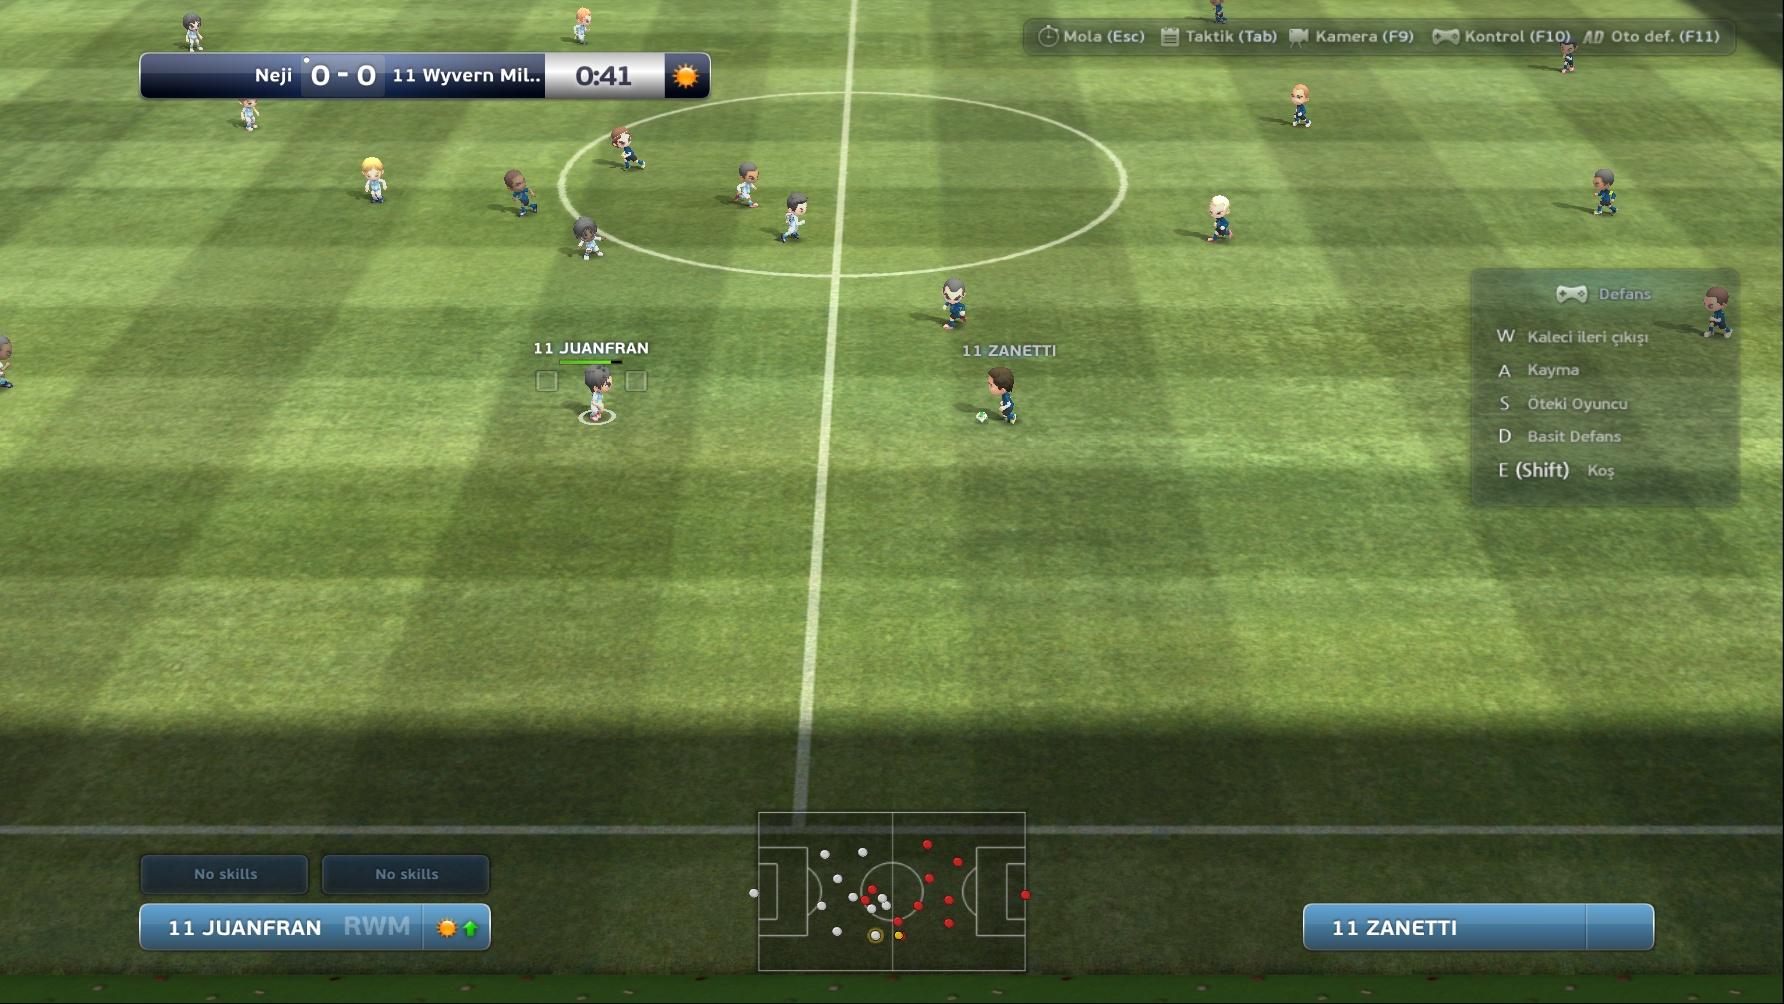 افضل العاب كرة القدم Goly 2fy3.jpg